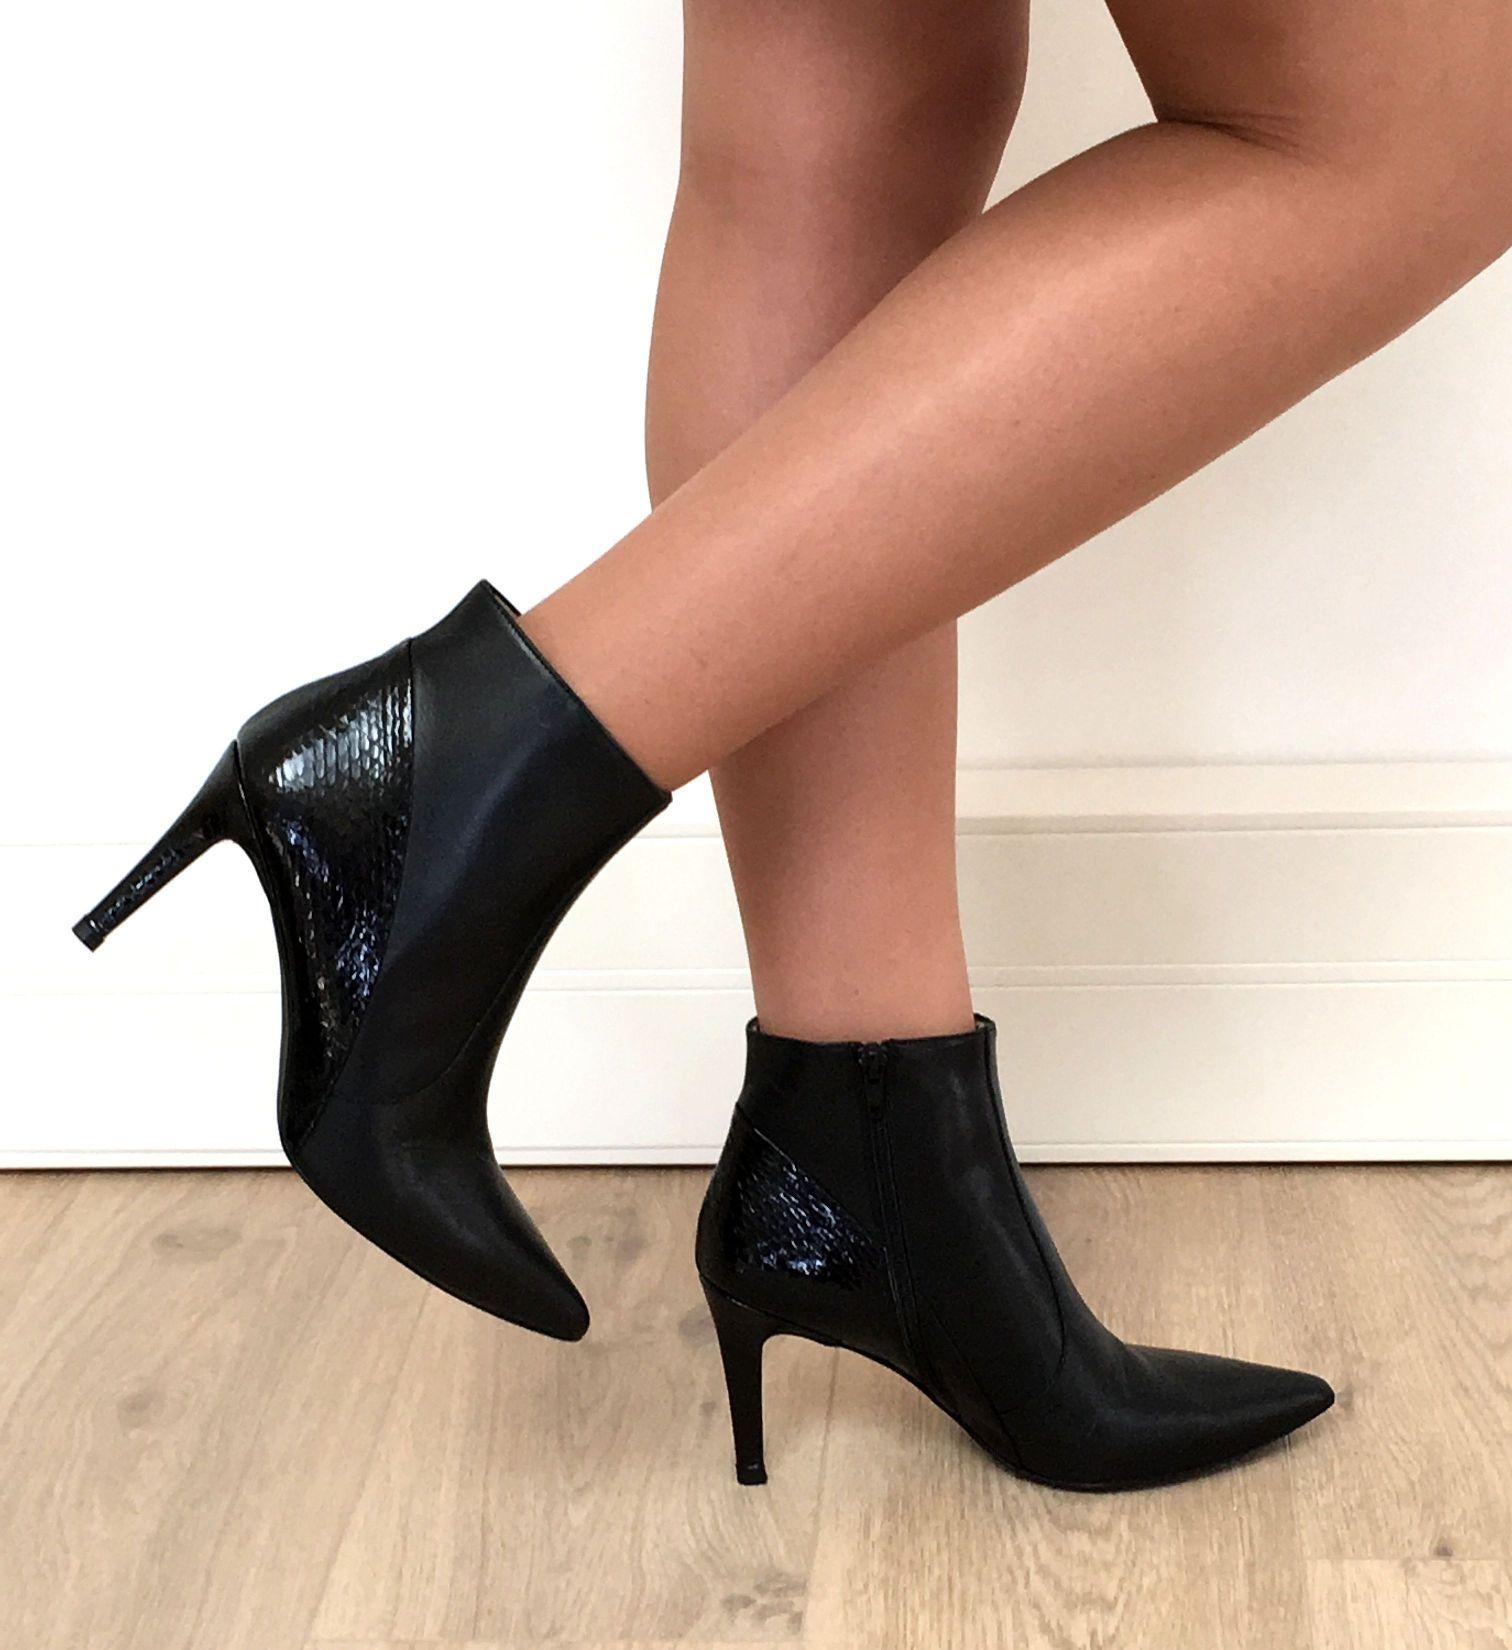 Chaussures Intemporelles De La Cour Avec Bloc Noir Talon Pour Les Femmes Esprit BrP2AU